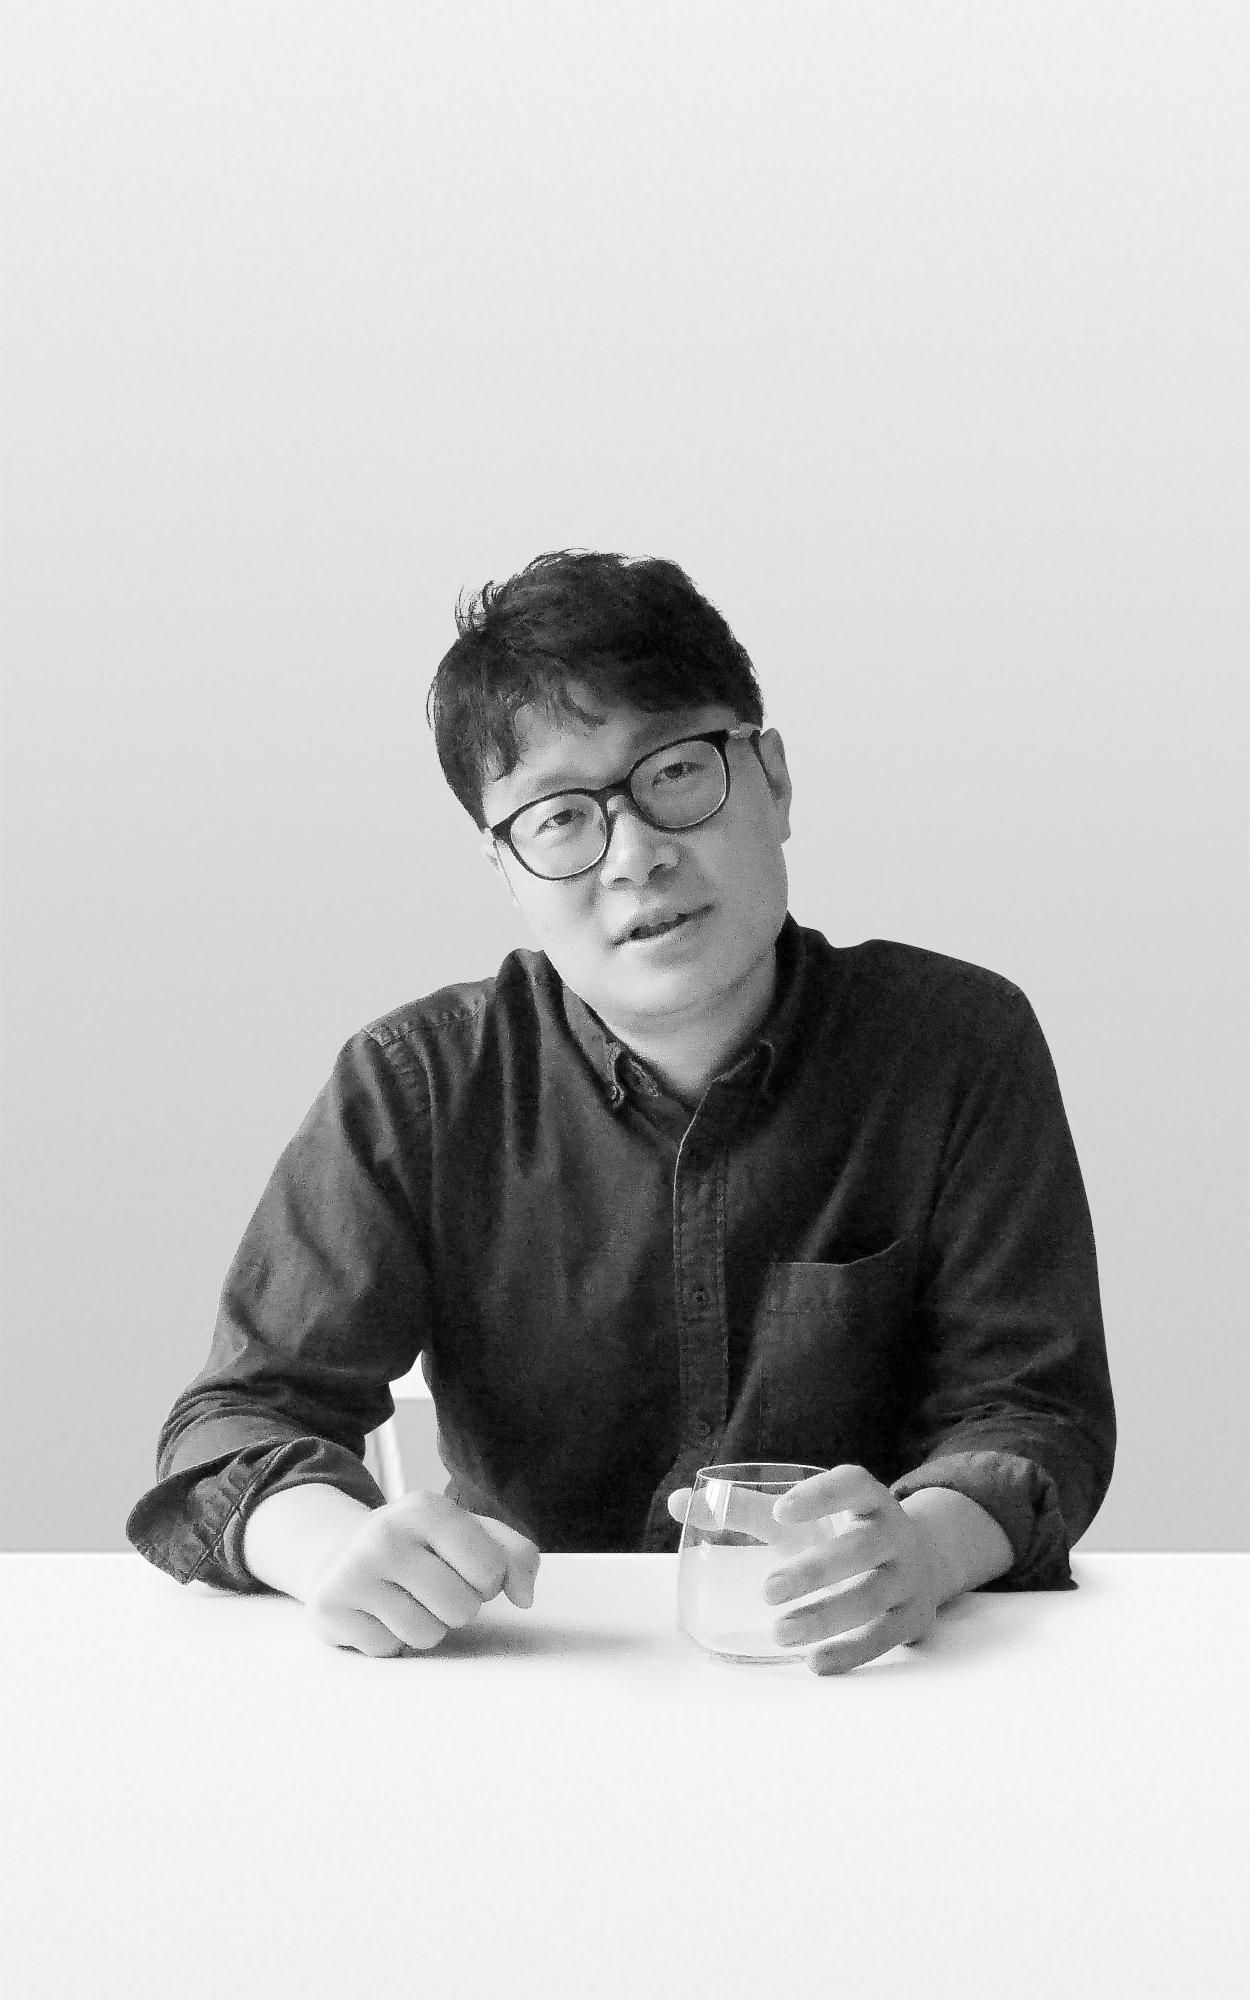 Senxi Wen